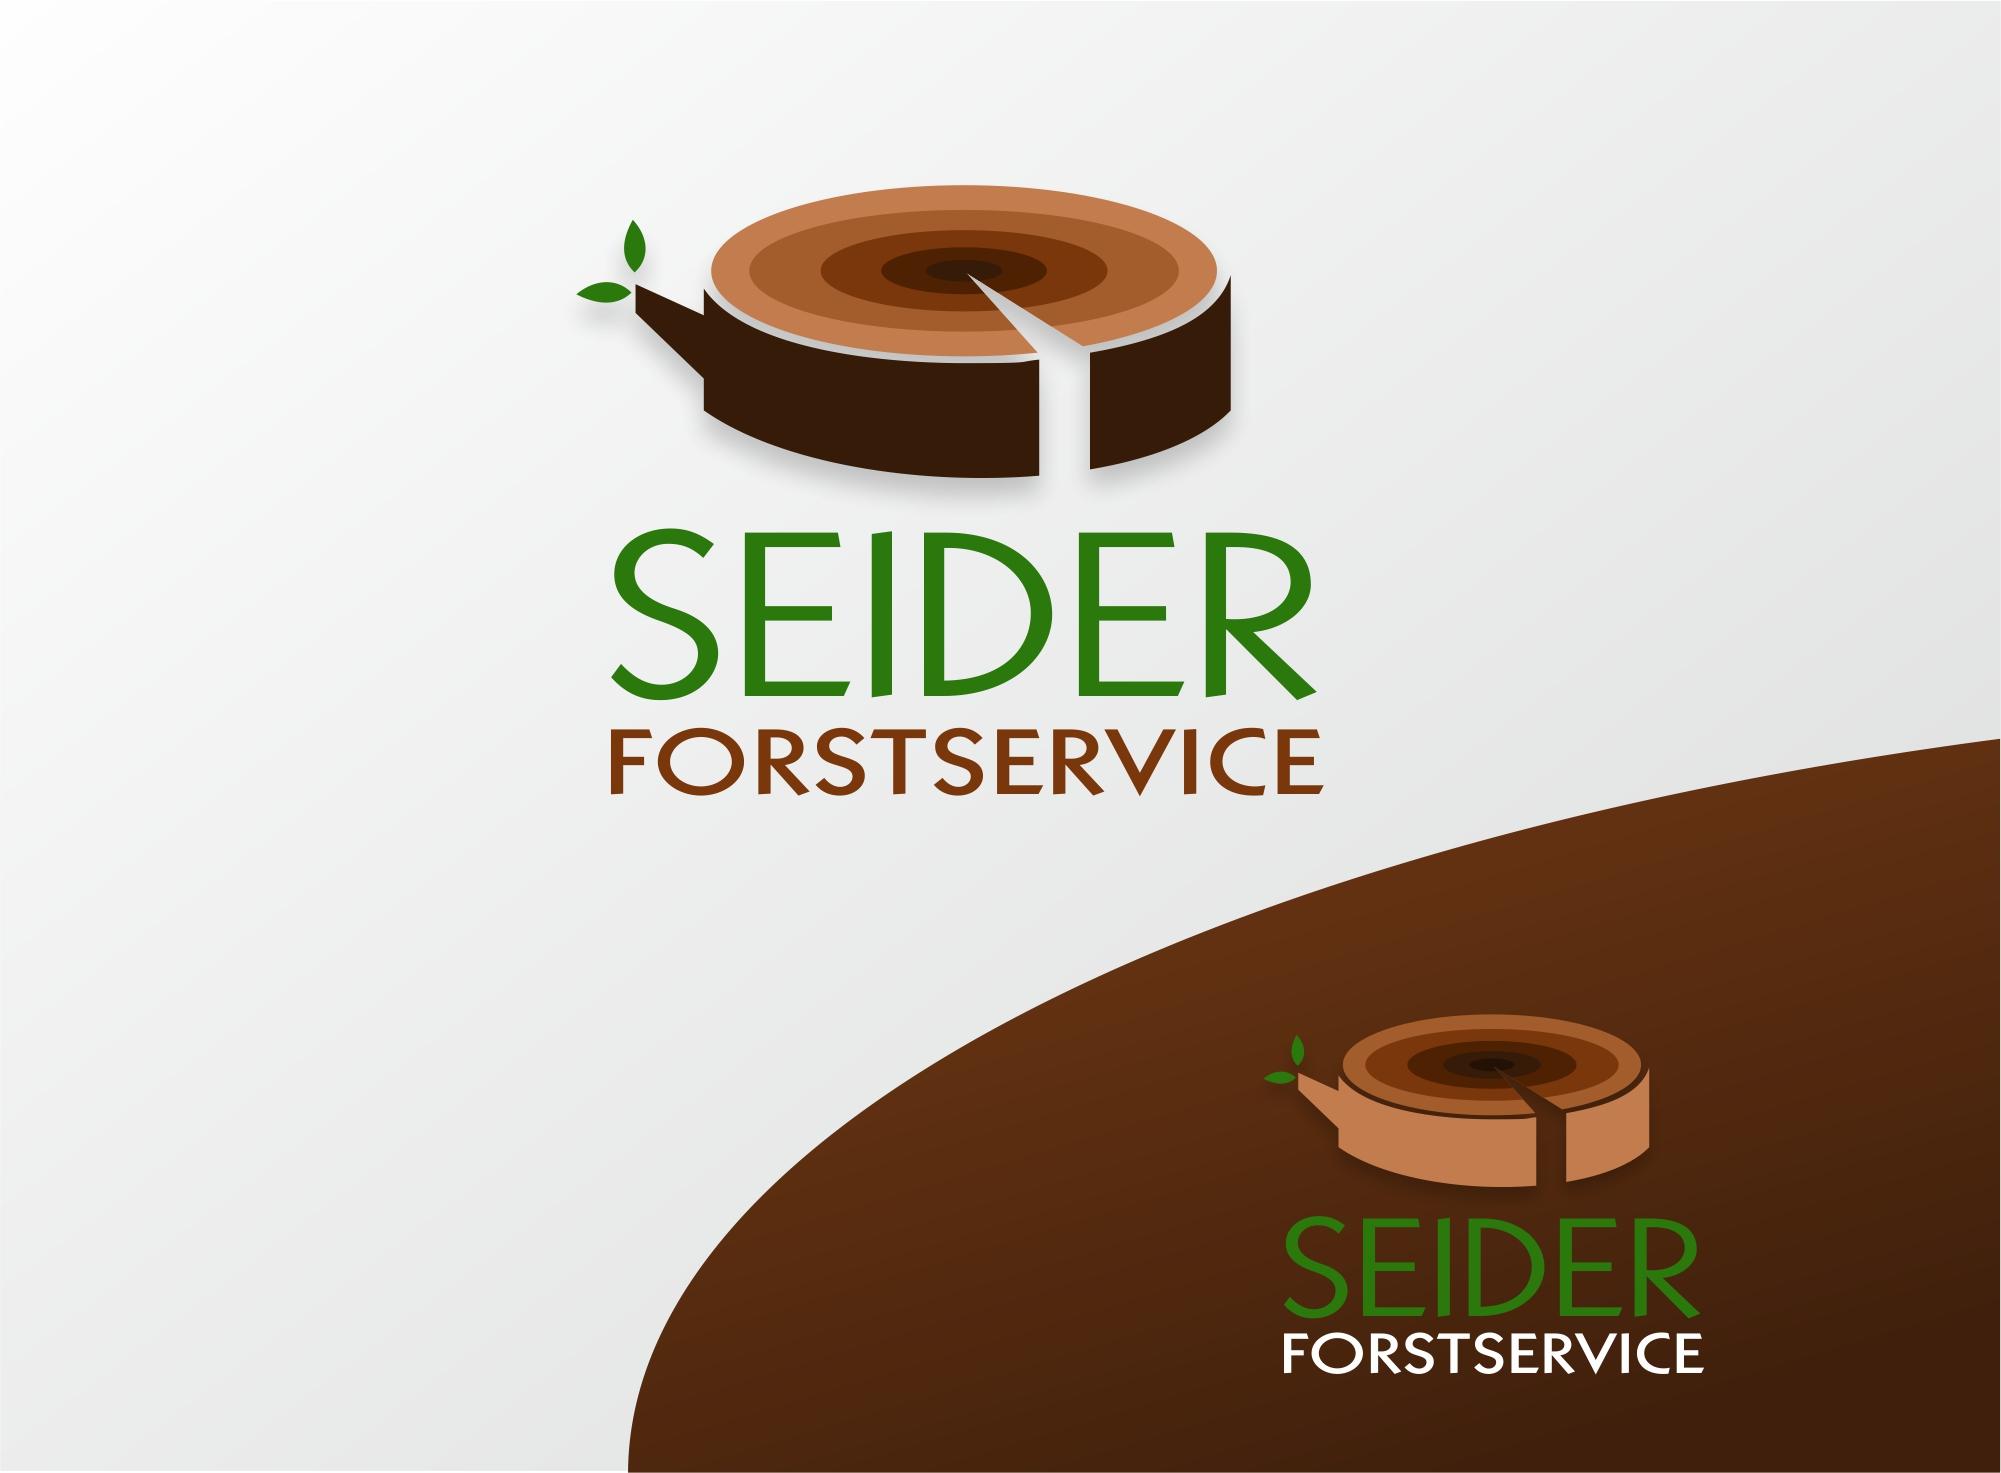 Corporate Design für Dienstleistungen in der Forstwirtschaft